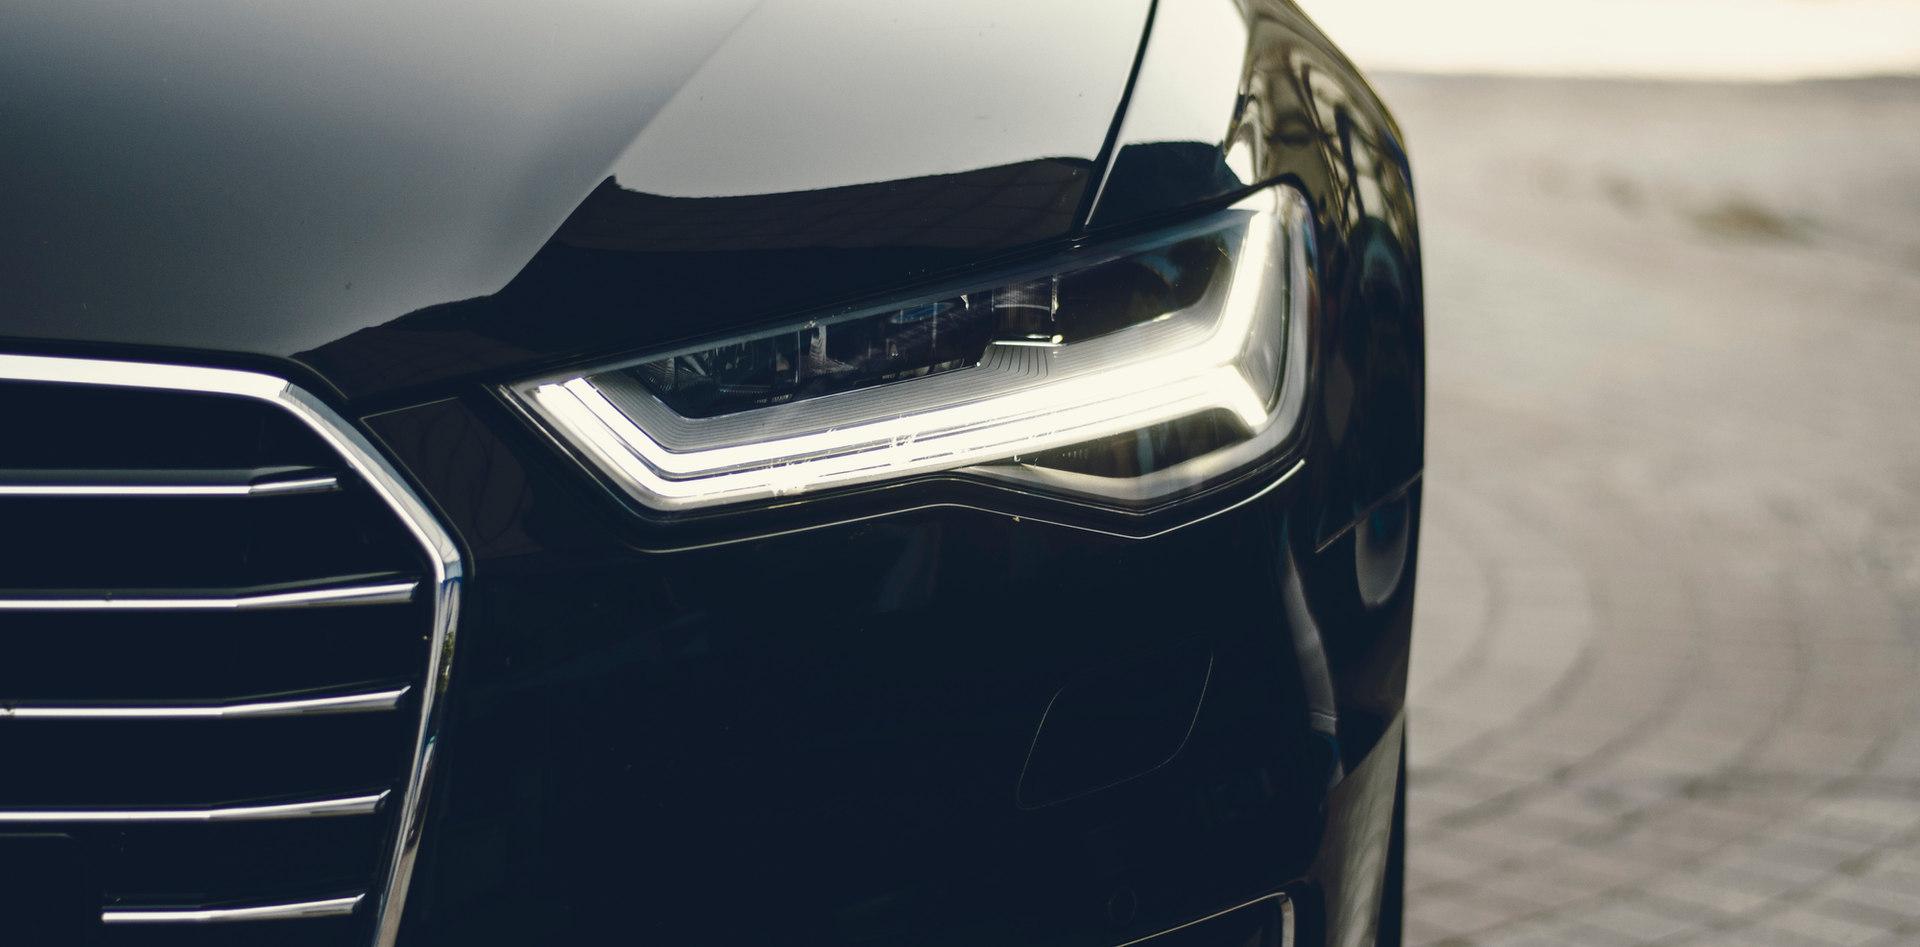 auto-automobile-automotive-305070.jpg